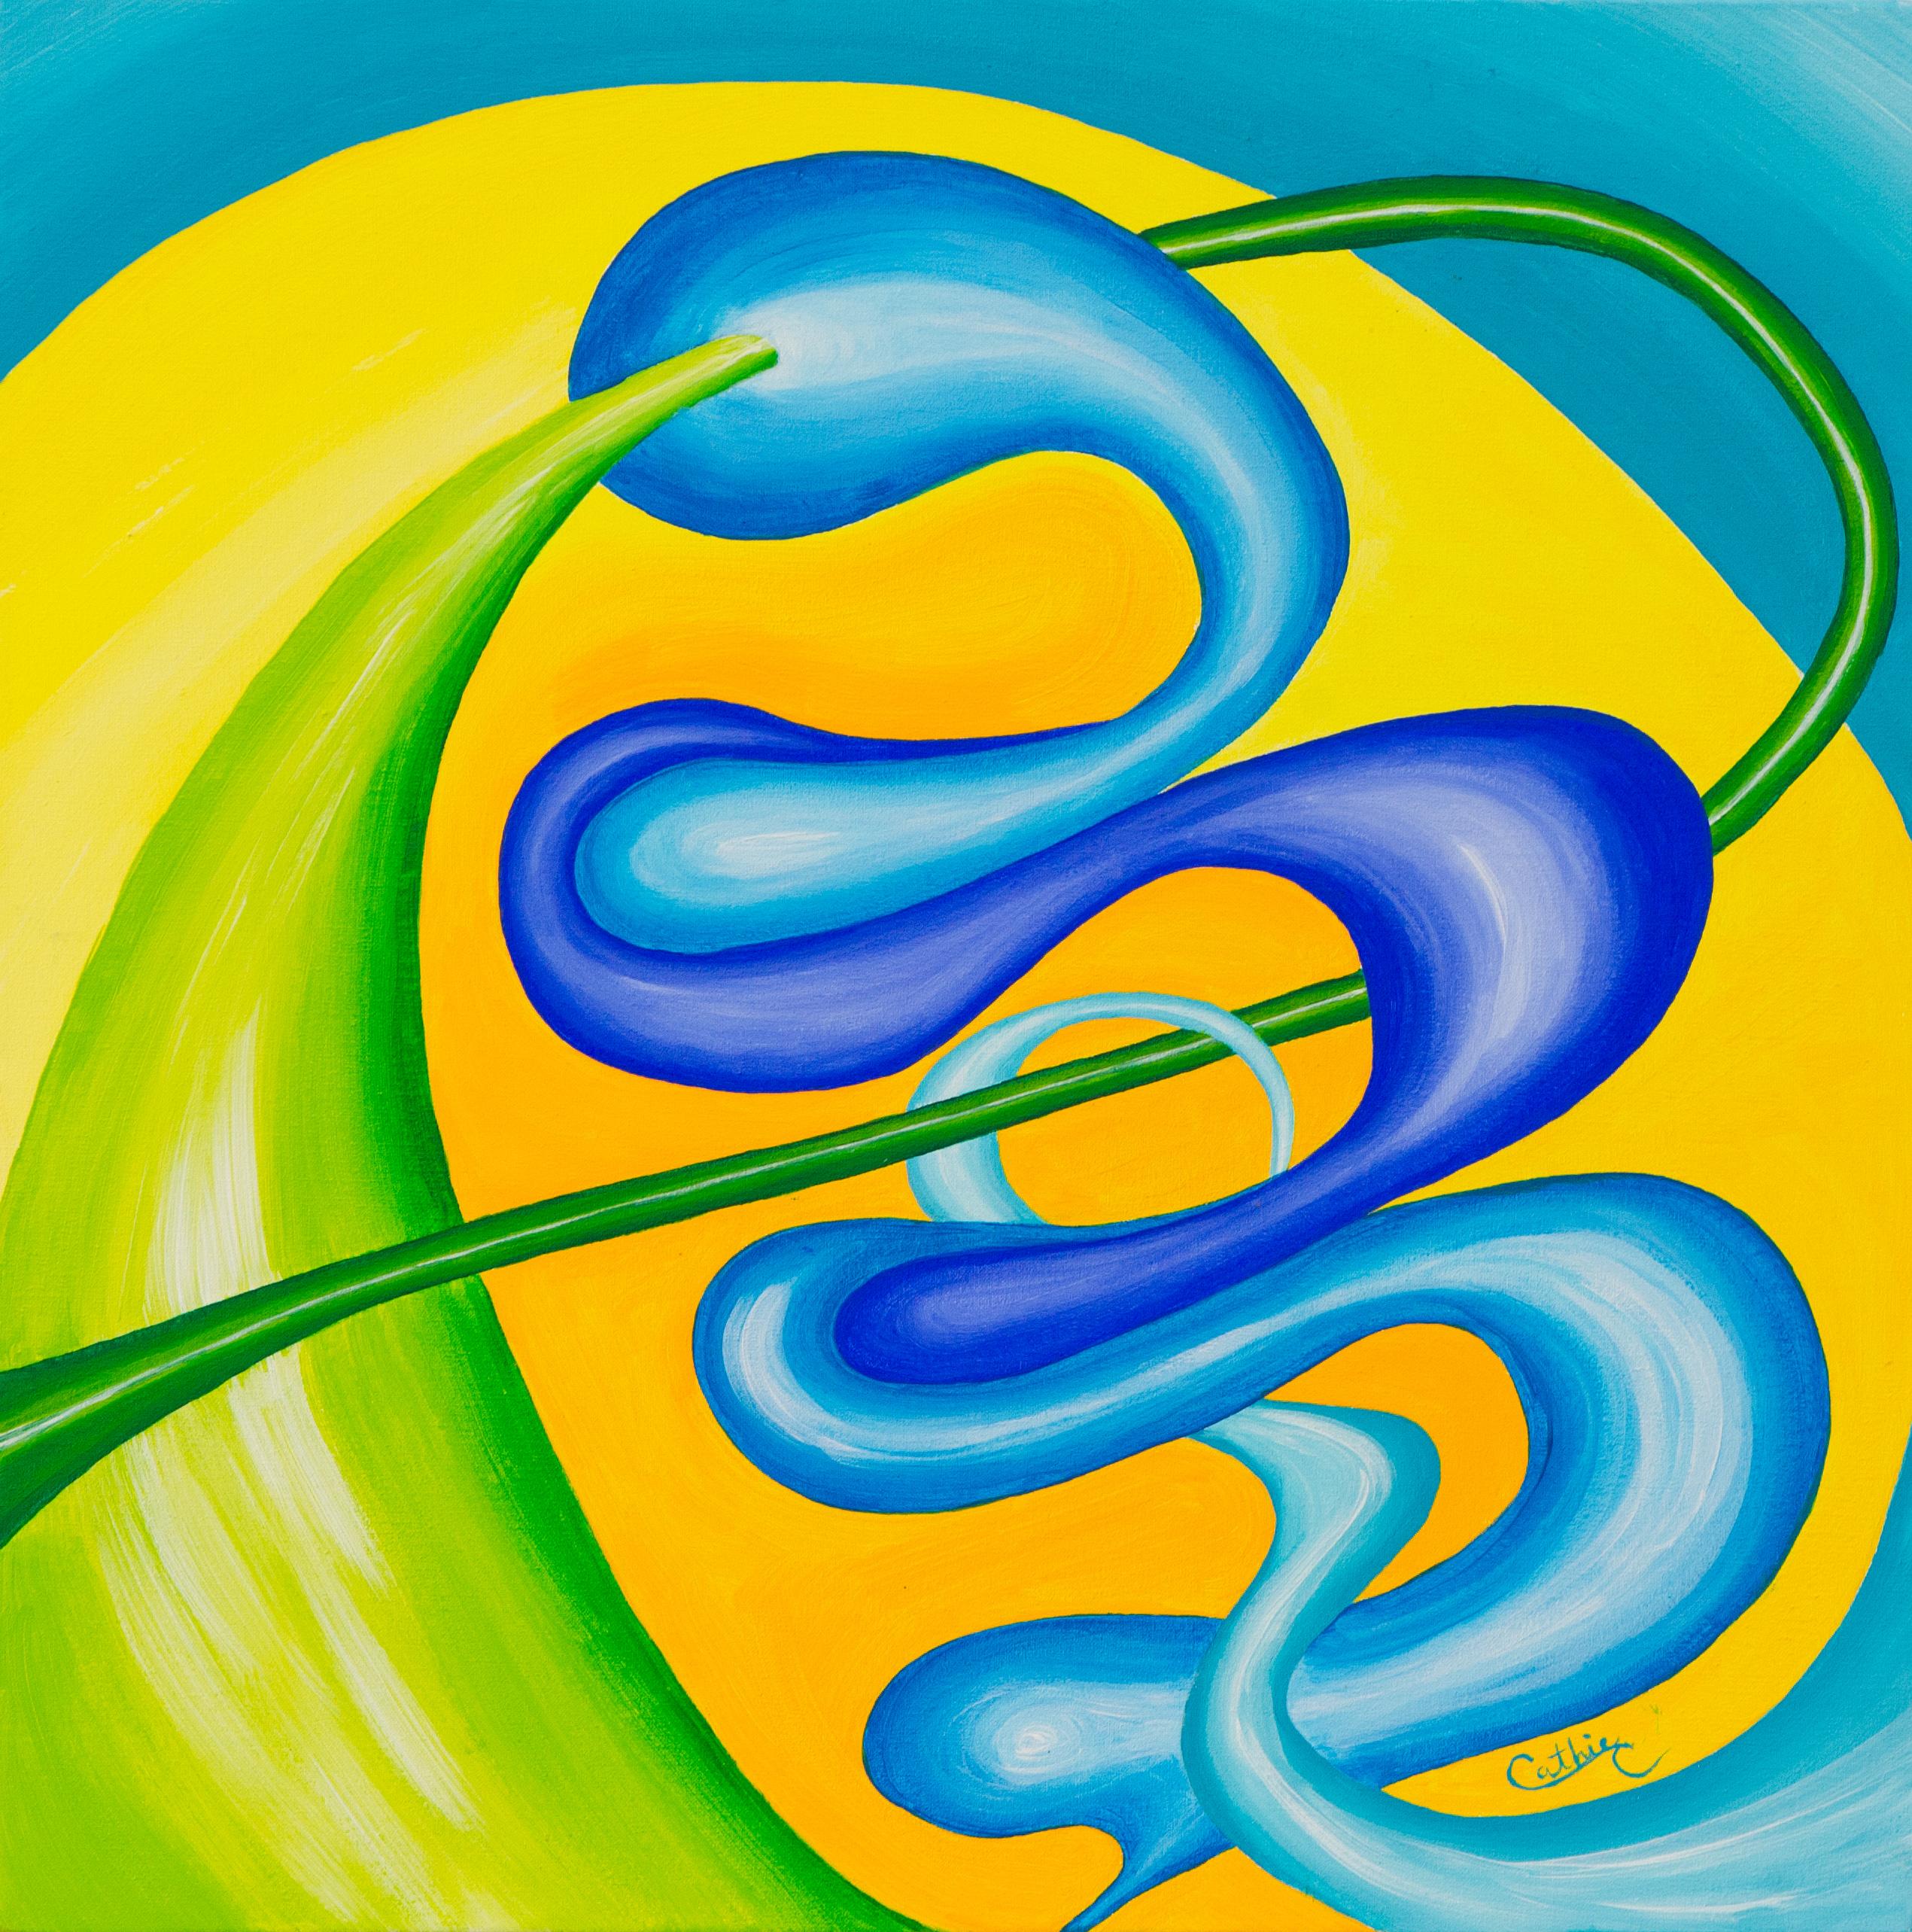 Abstracto Serpiente Azul